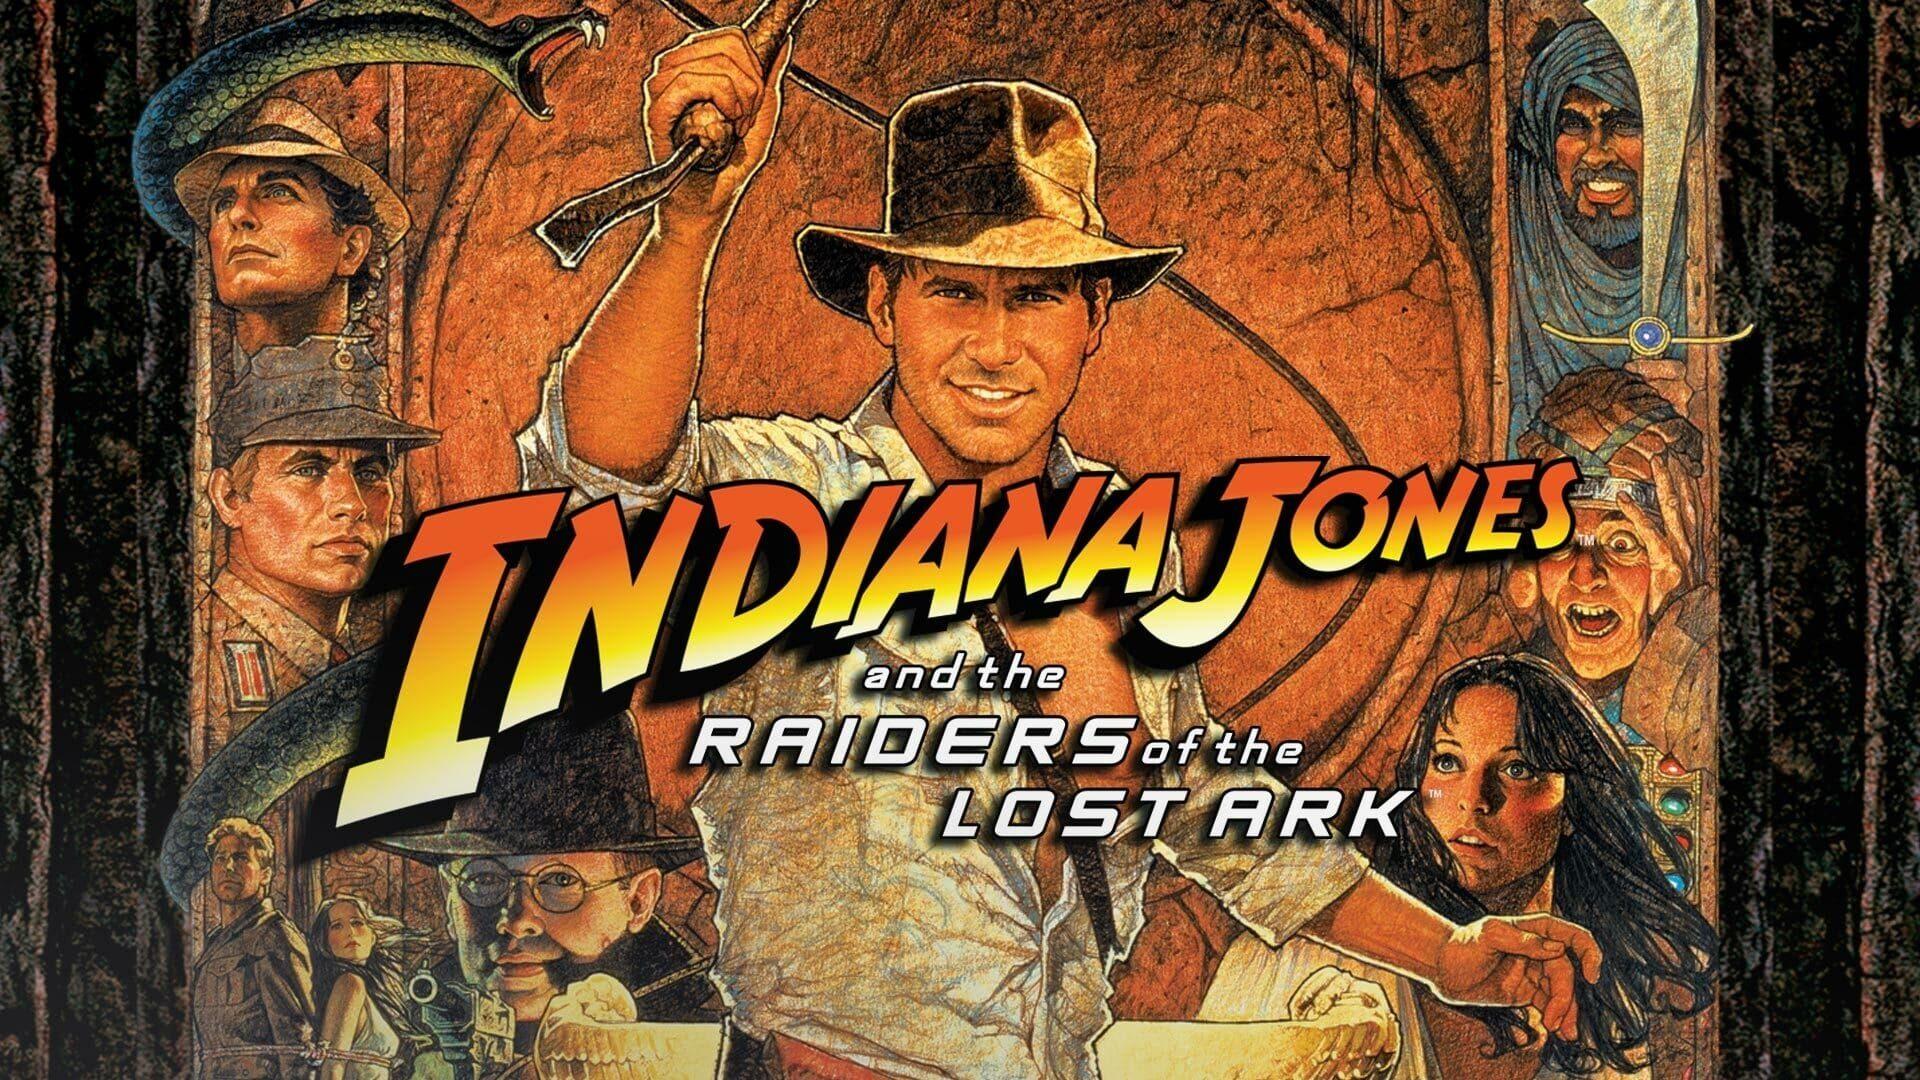 Top phim hay nhất mọi thời đại về khảo cổ học